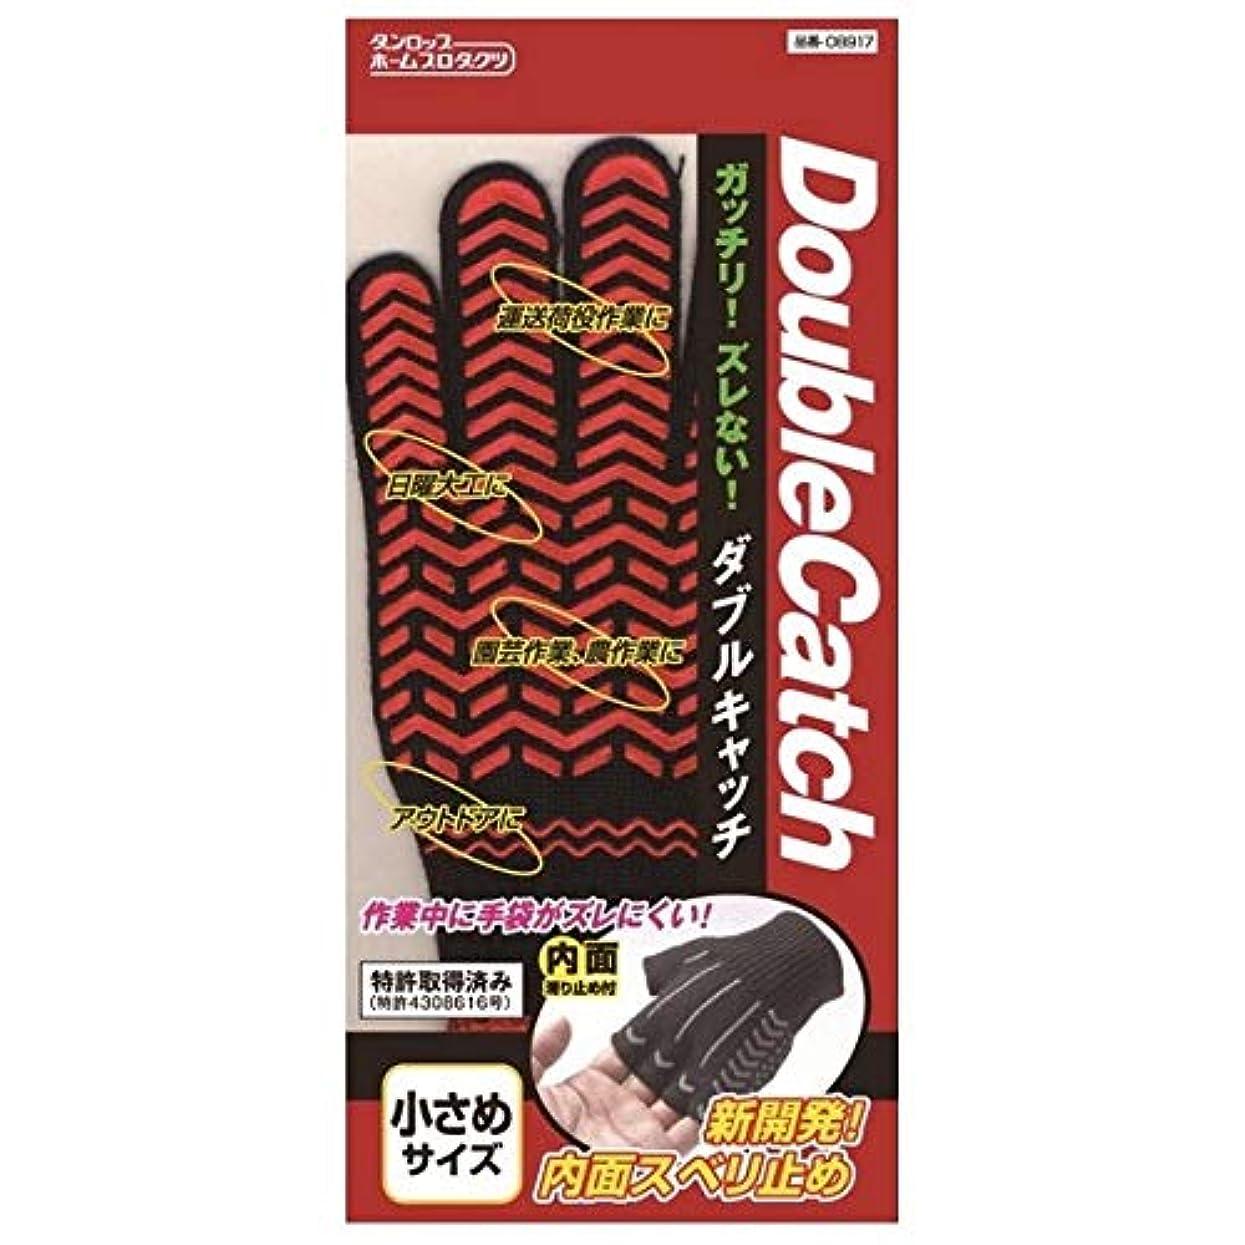 ねばねば独立した小人ダンロップ ダブルキャッチ 手袋 小さめサイズ レッド 10双×12袋(120双)